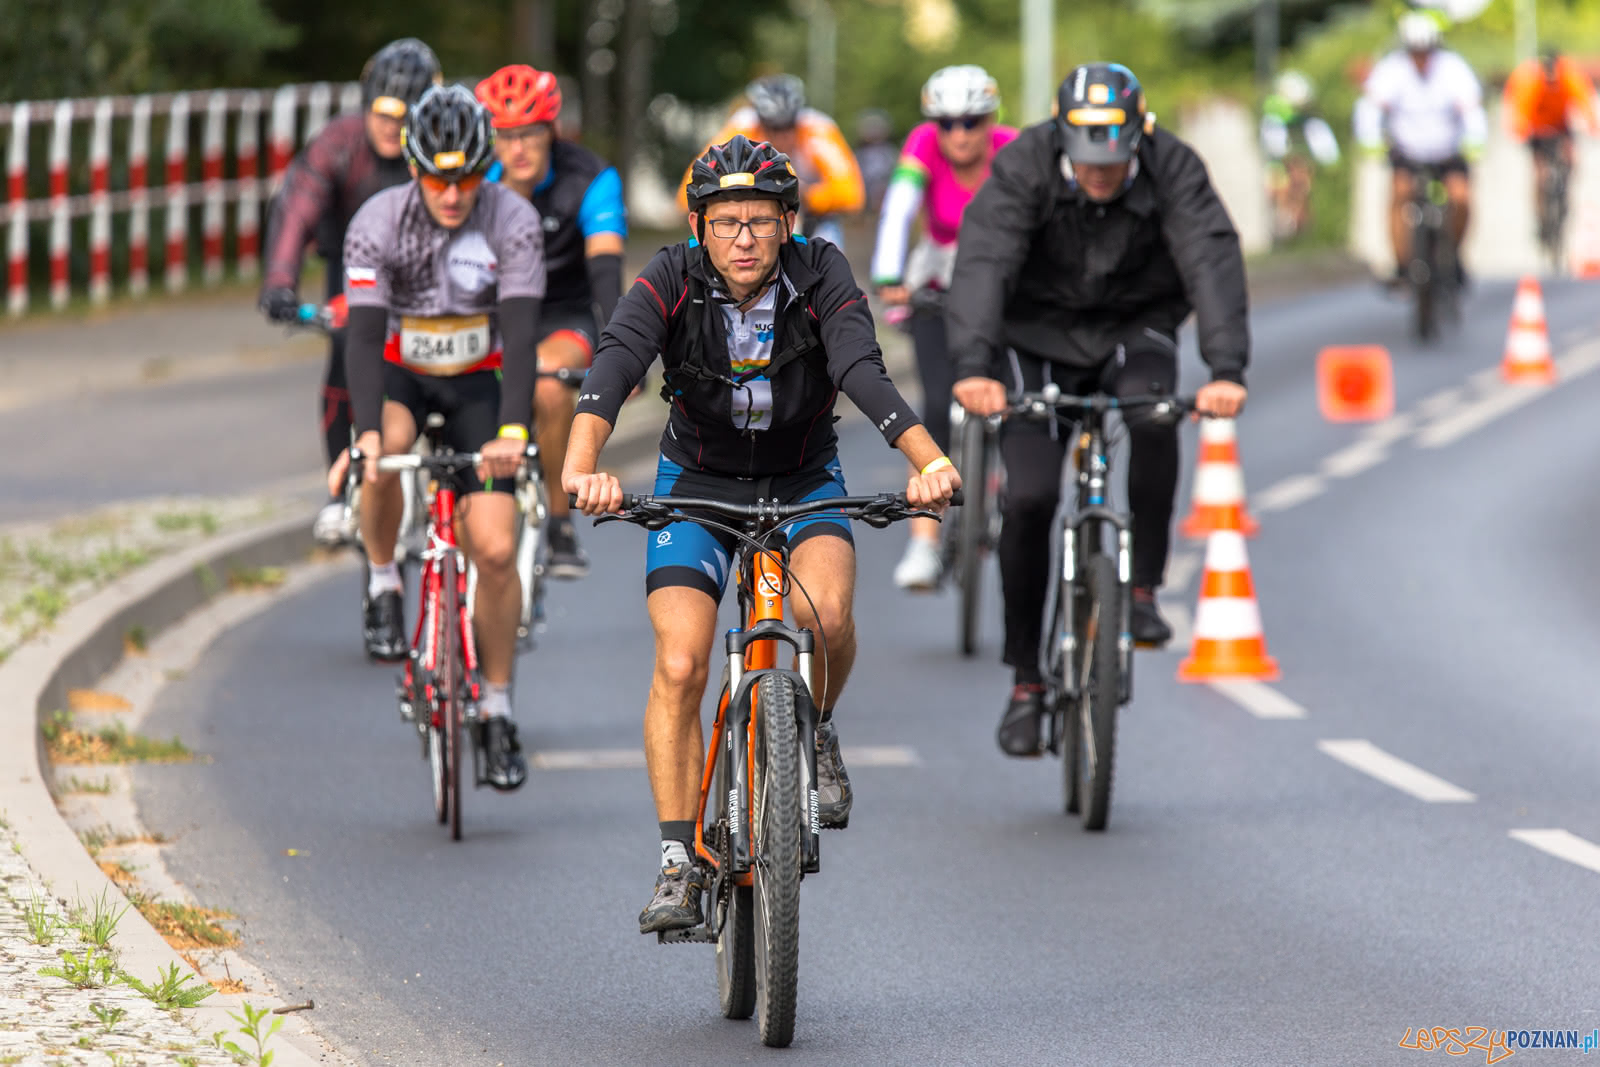 Bike Challenge 2018 - Poznań 23.09.2018 r.  Foto: LepszyPOZNAN.pl / Paweł Rychter